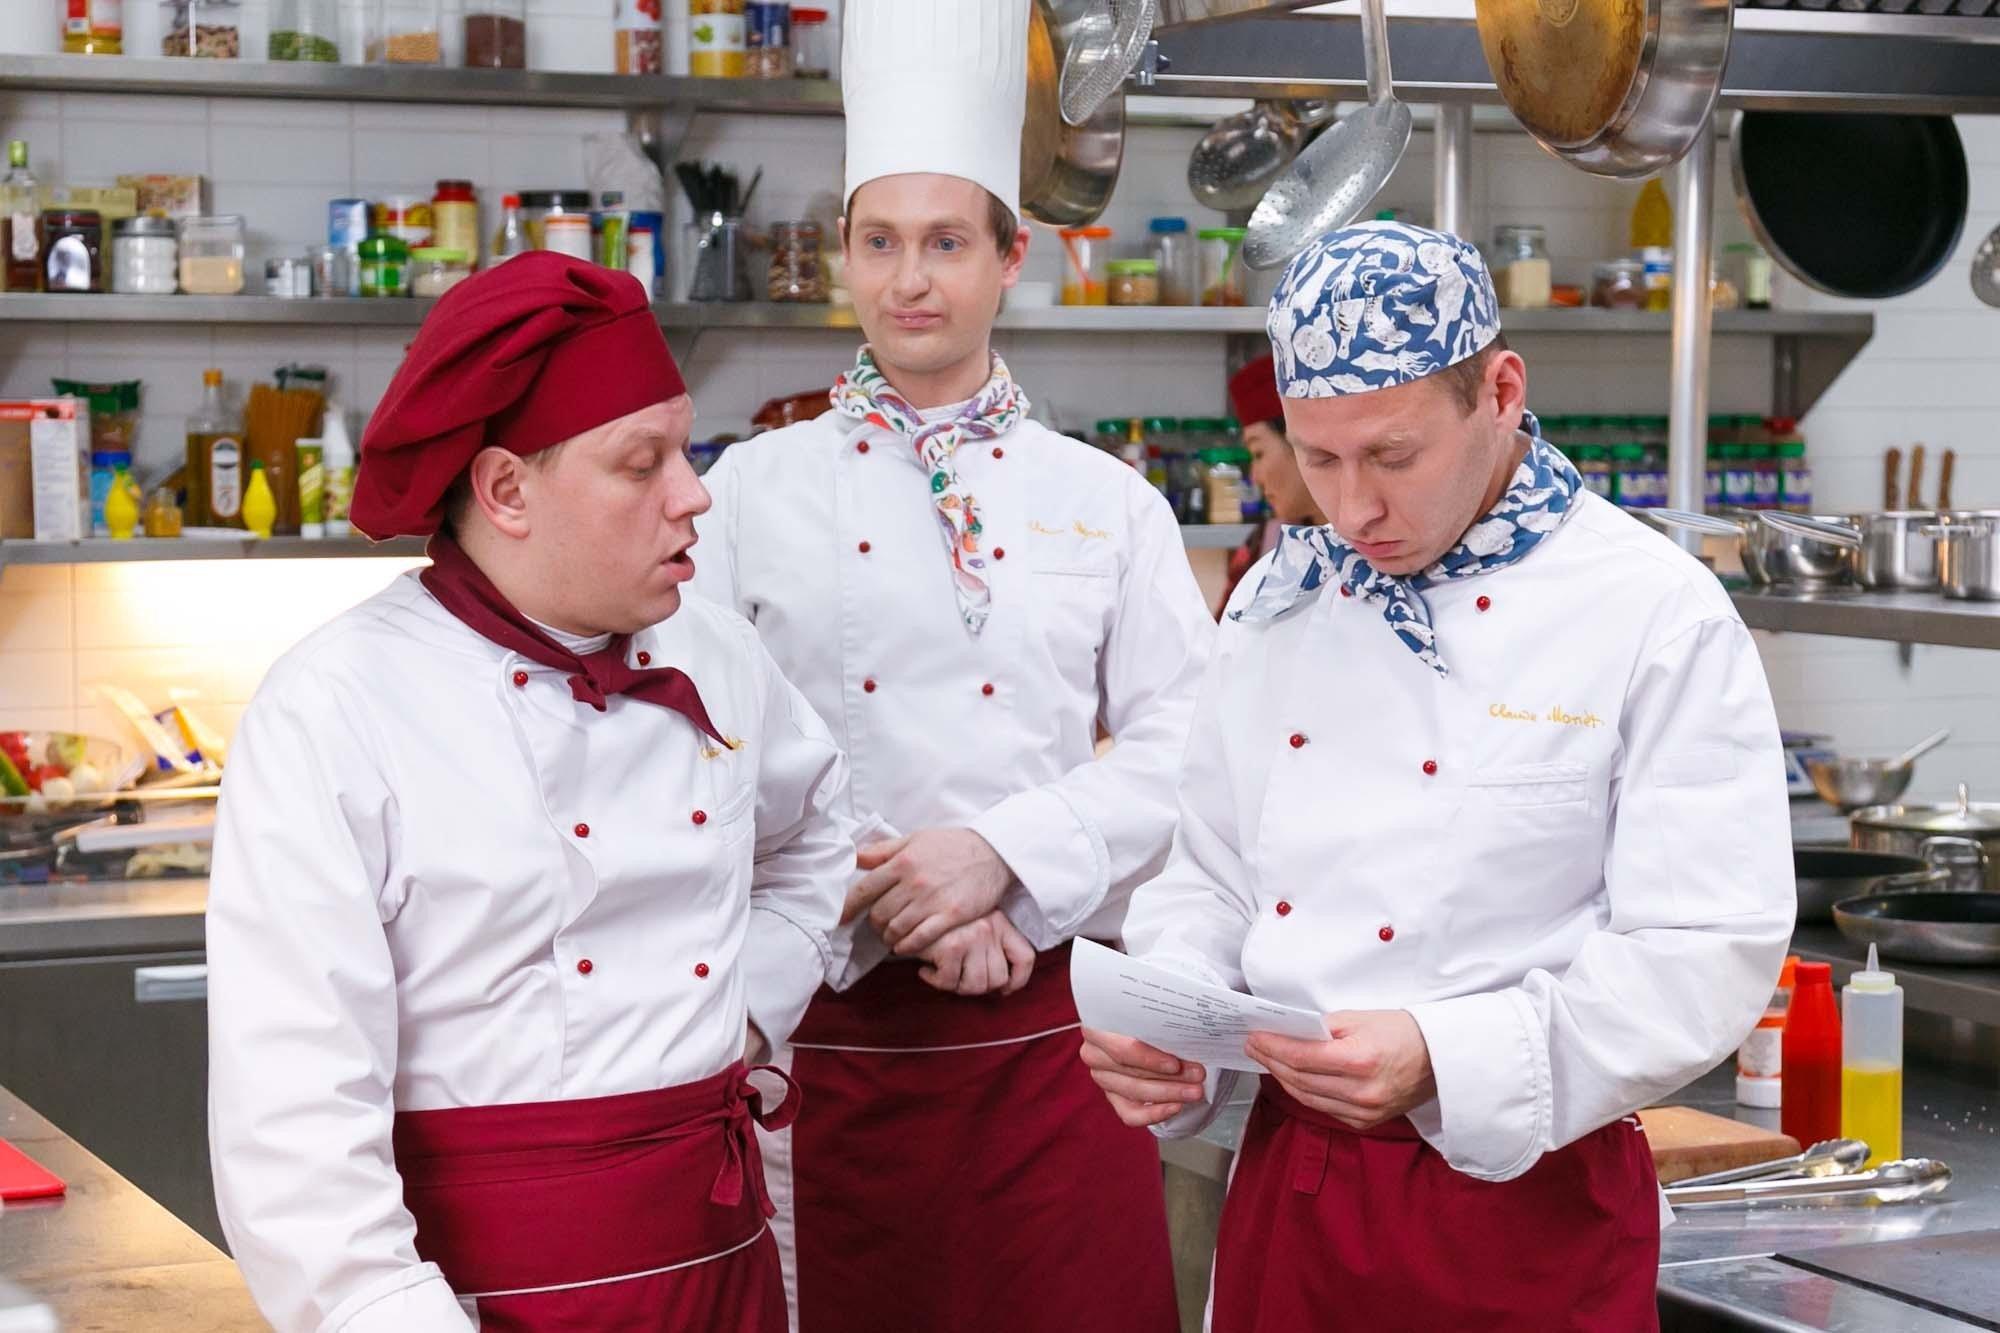 Февраля юмористические, картинки о кухни смешные моменты